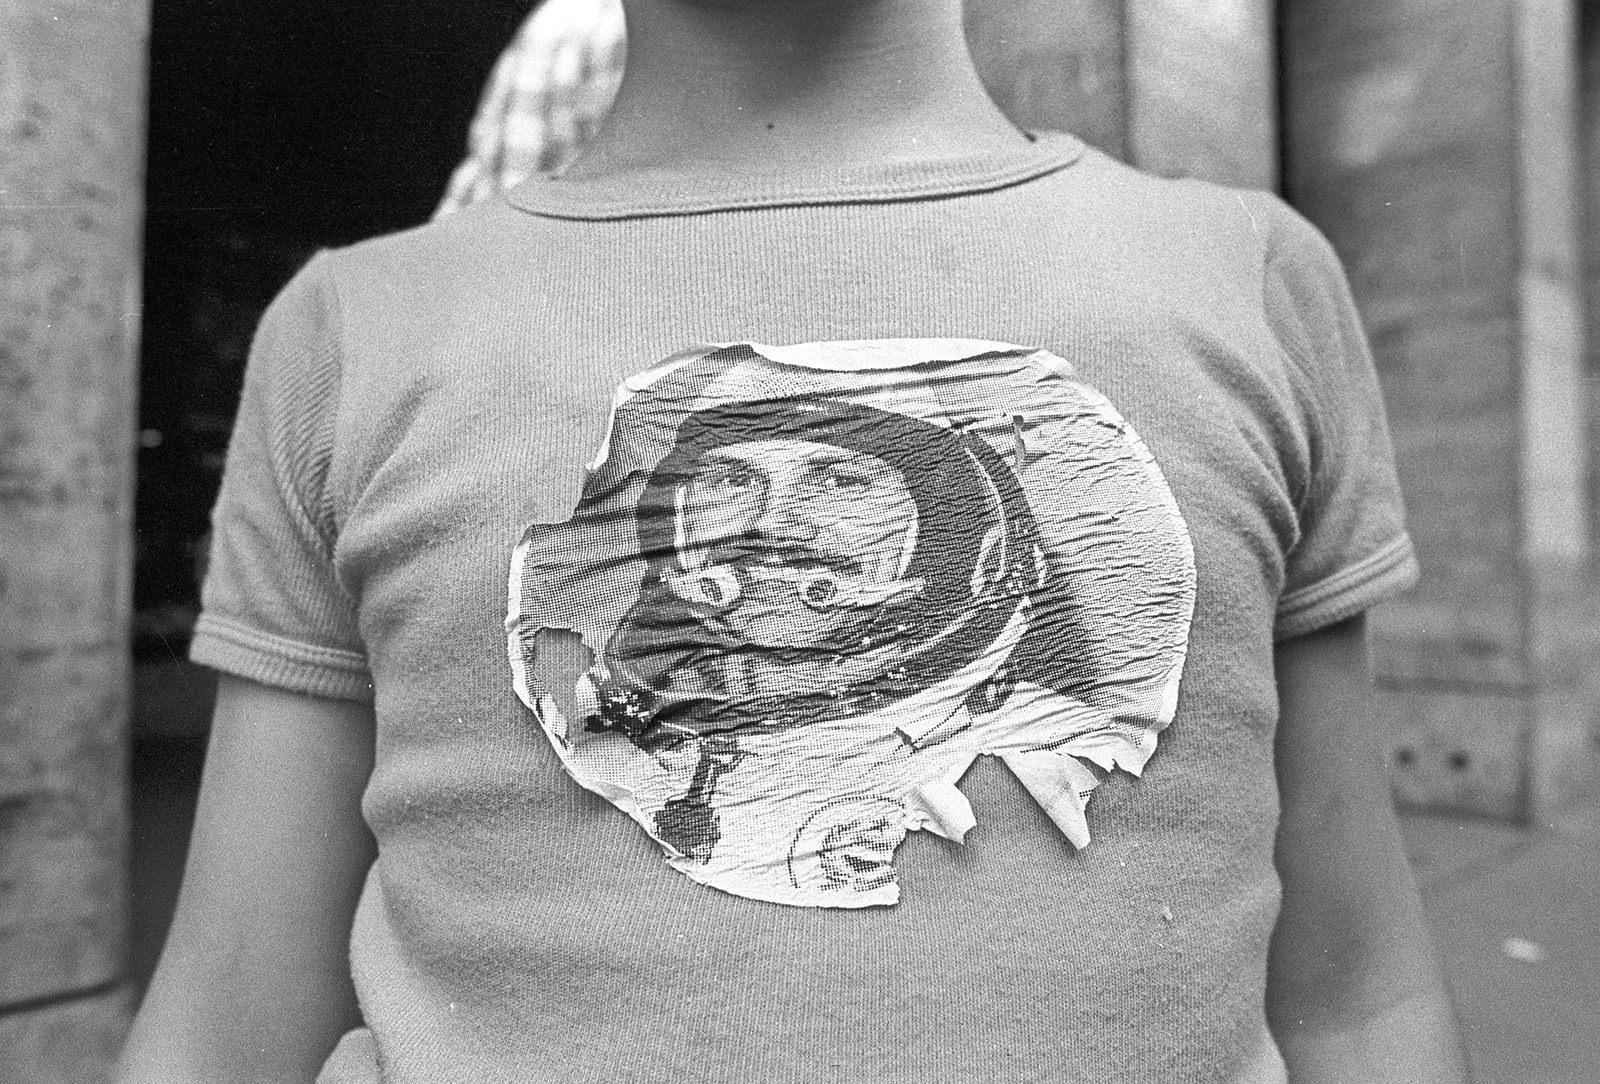 Kiss-Kuntler Árpád: Berci, az első magyar űrhajós (részlet a sorozatból), 1980 © Kiss-Kuntler Árpád